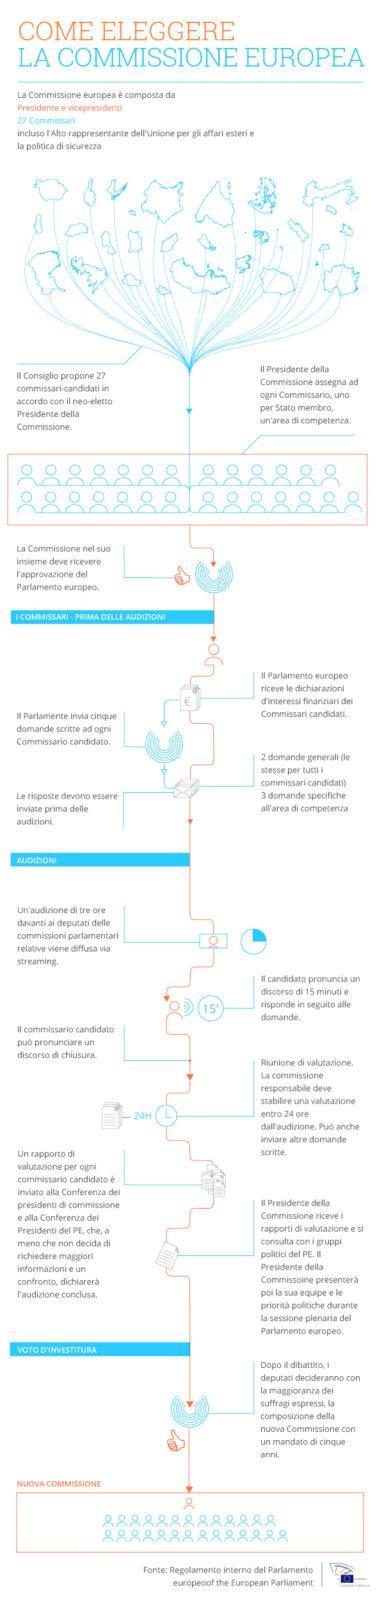 infografica elezione commissione europea